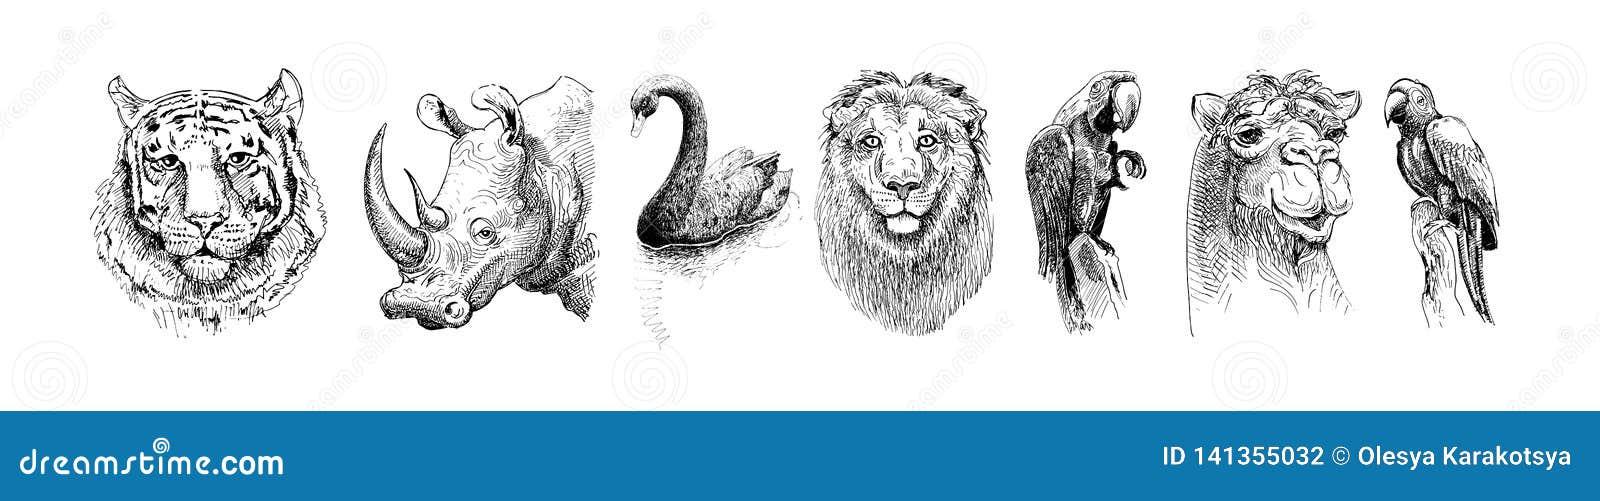 Установите животных сафари главных, черно-белого чертежа эскиза